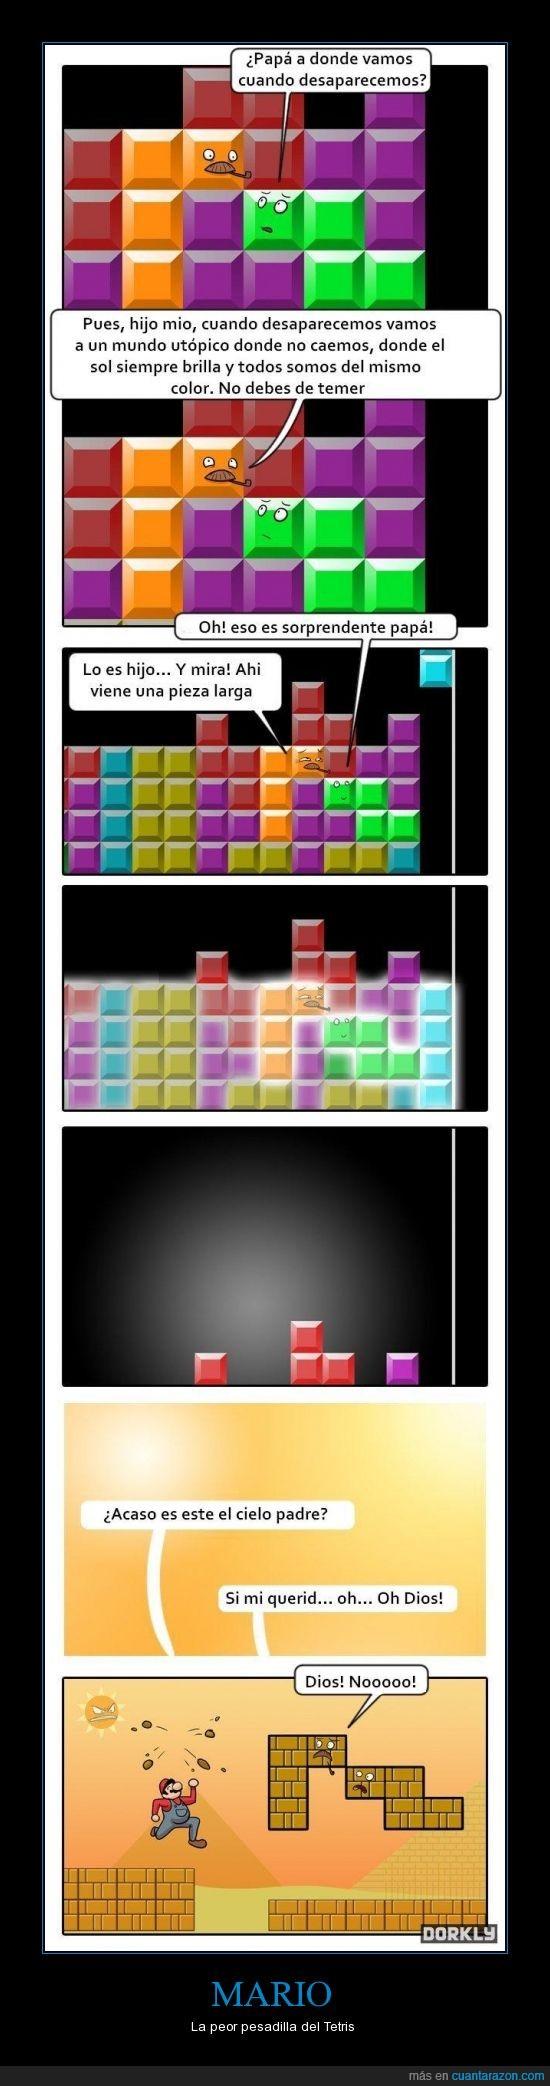 bloque,cabeza,desaparecer,linea,mario,pesadillas,romper,tetris